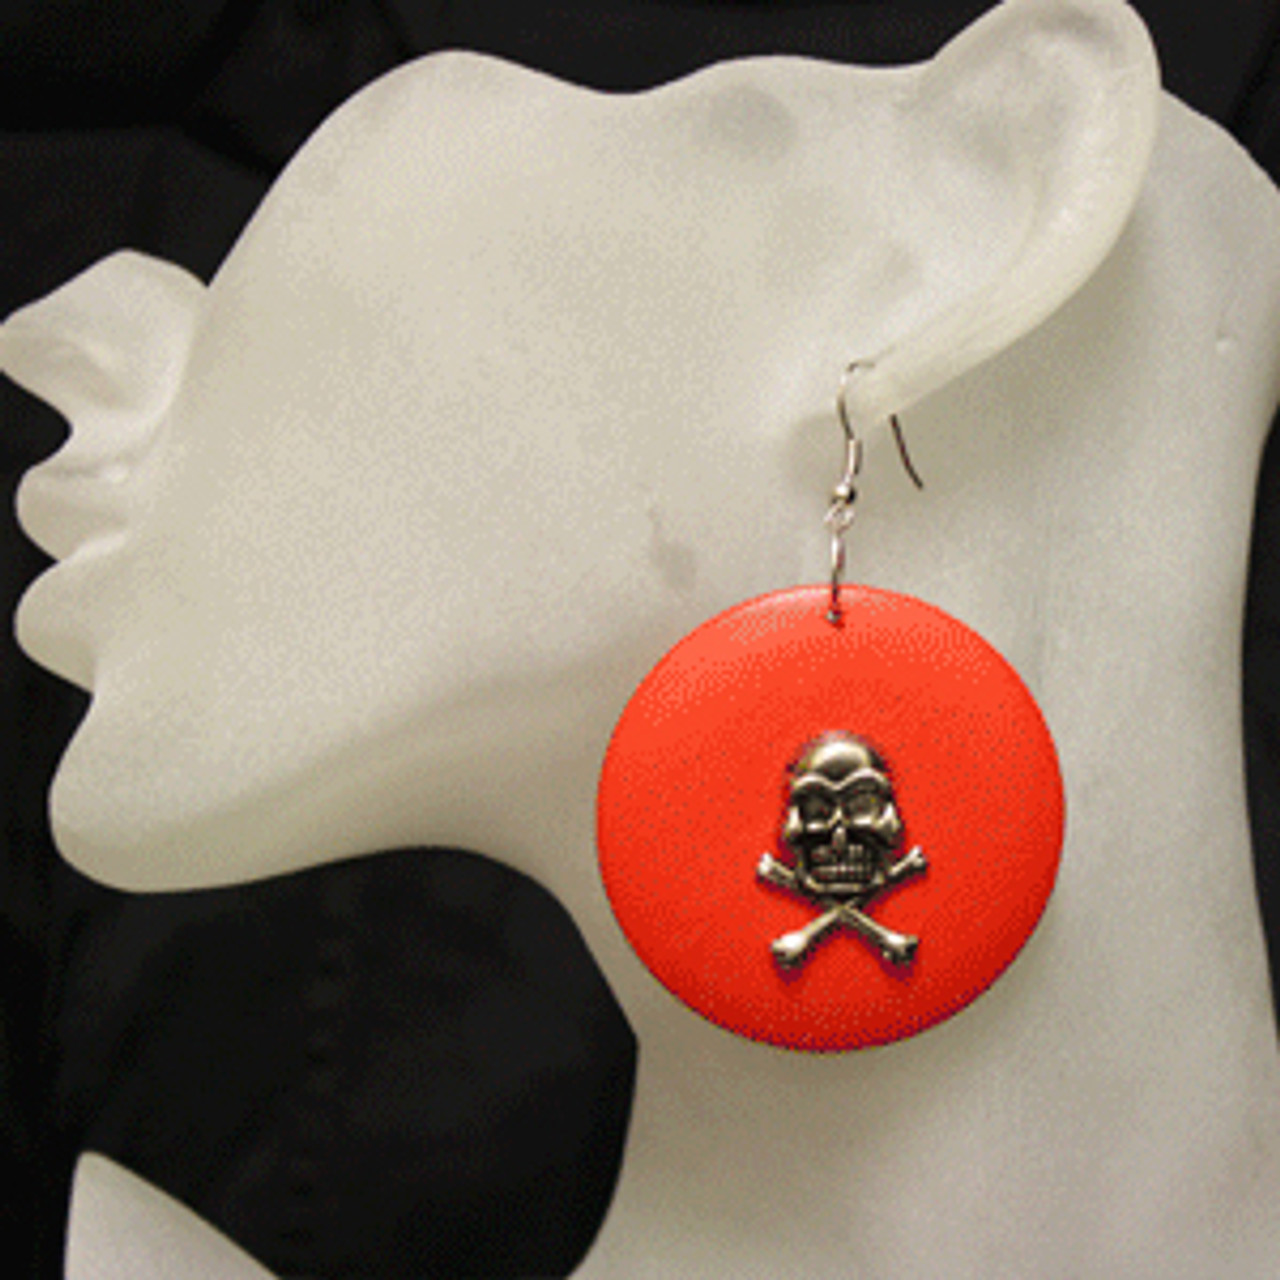 Orange skull rings